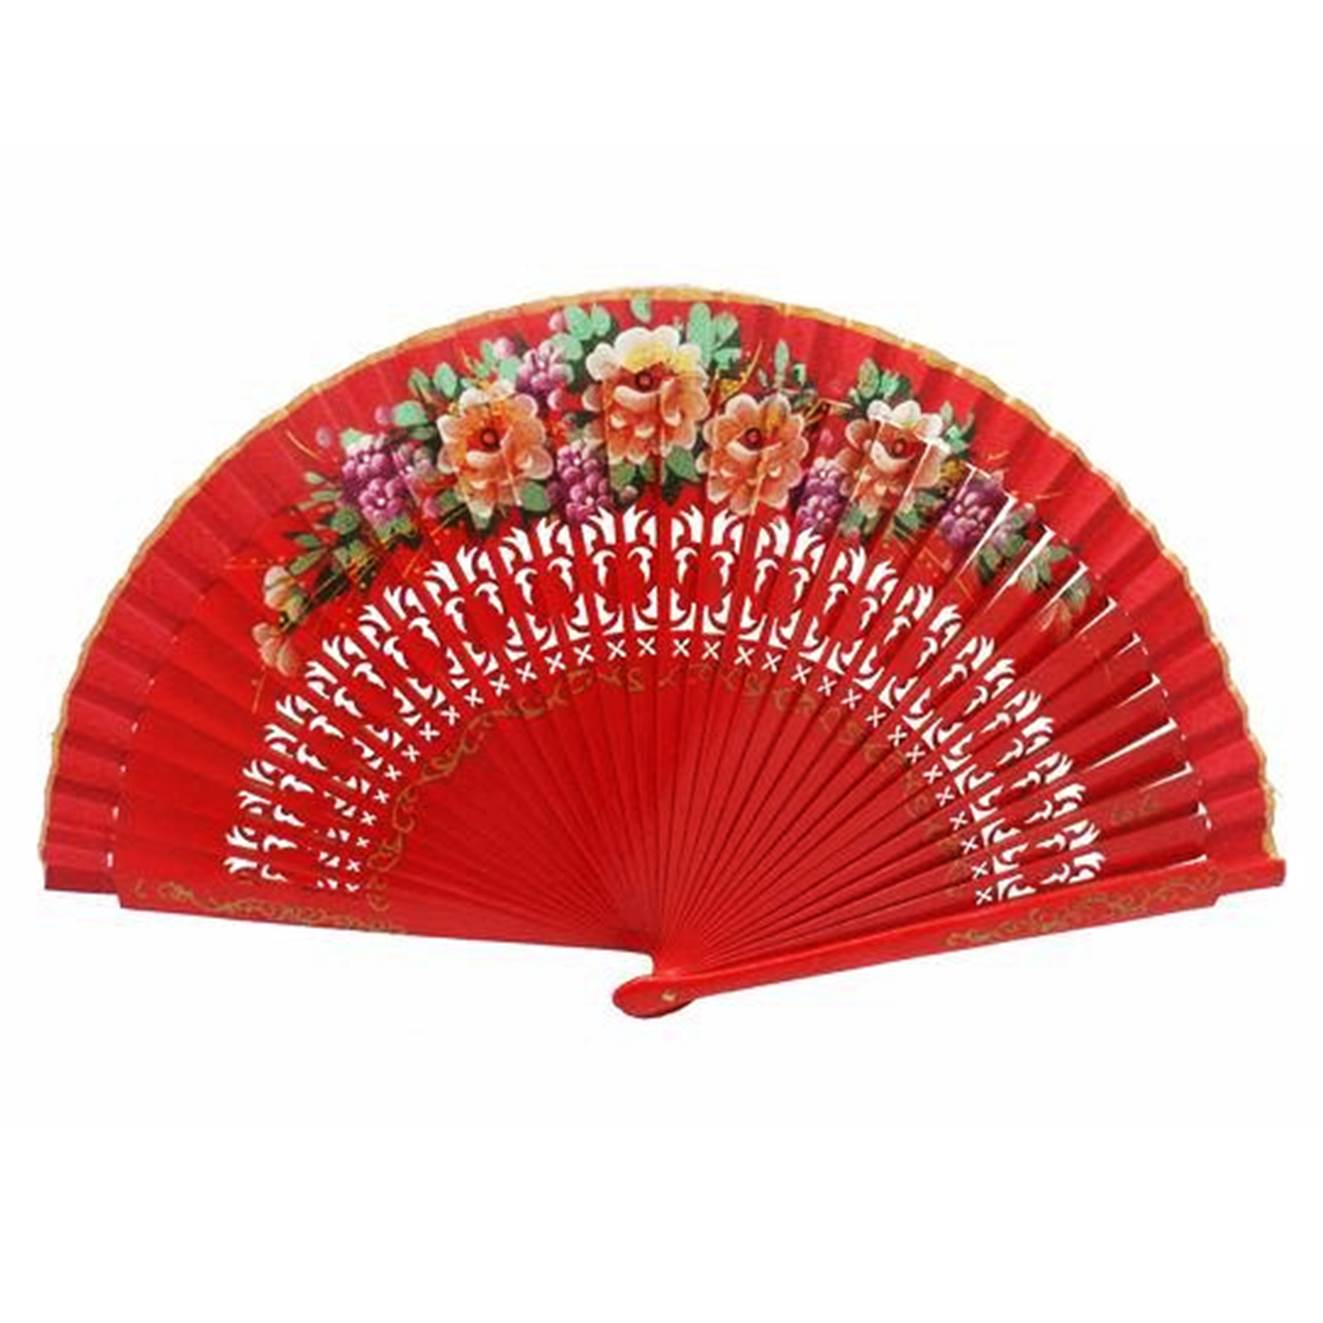 ABANICO MÉDIO 23cm - leque desenho vazado floral vermelho dança flamenca e cigana